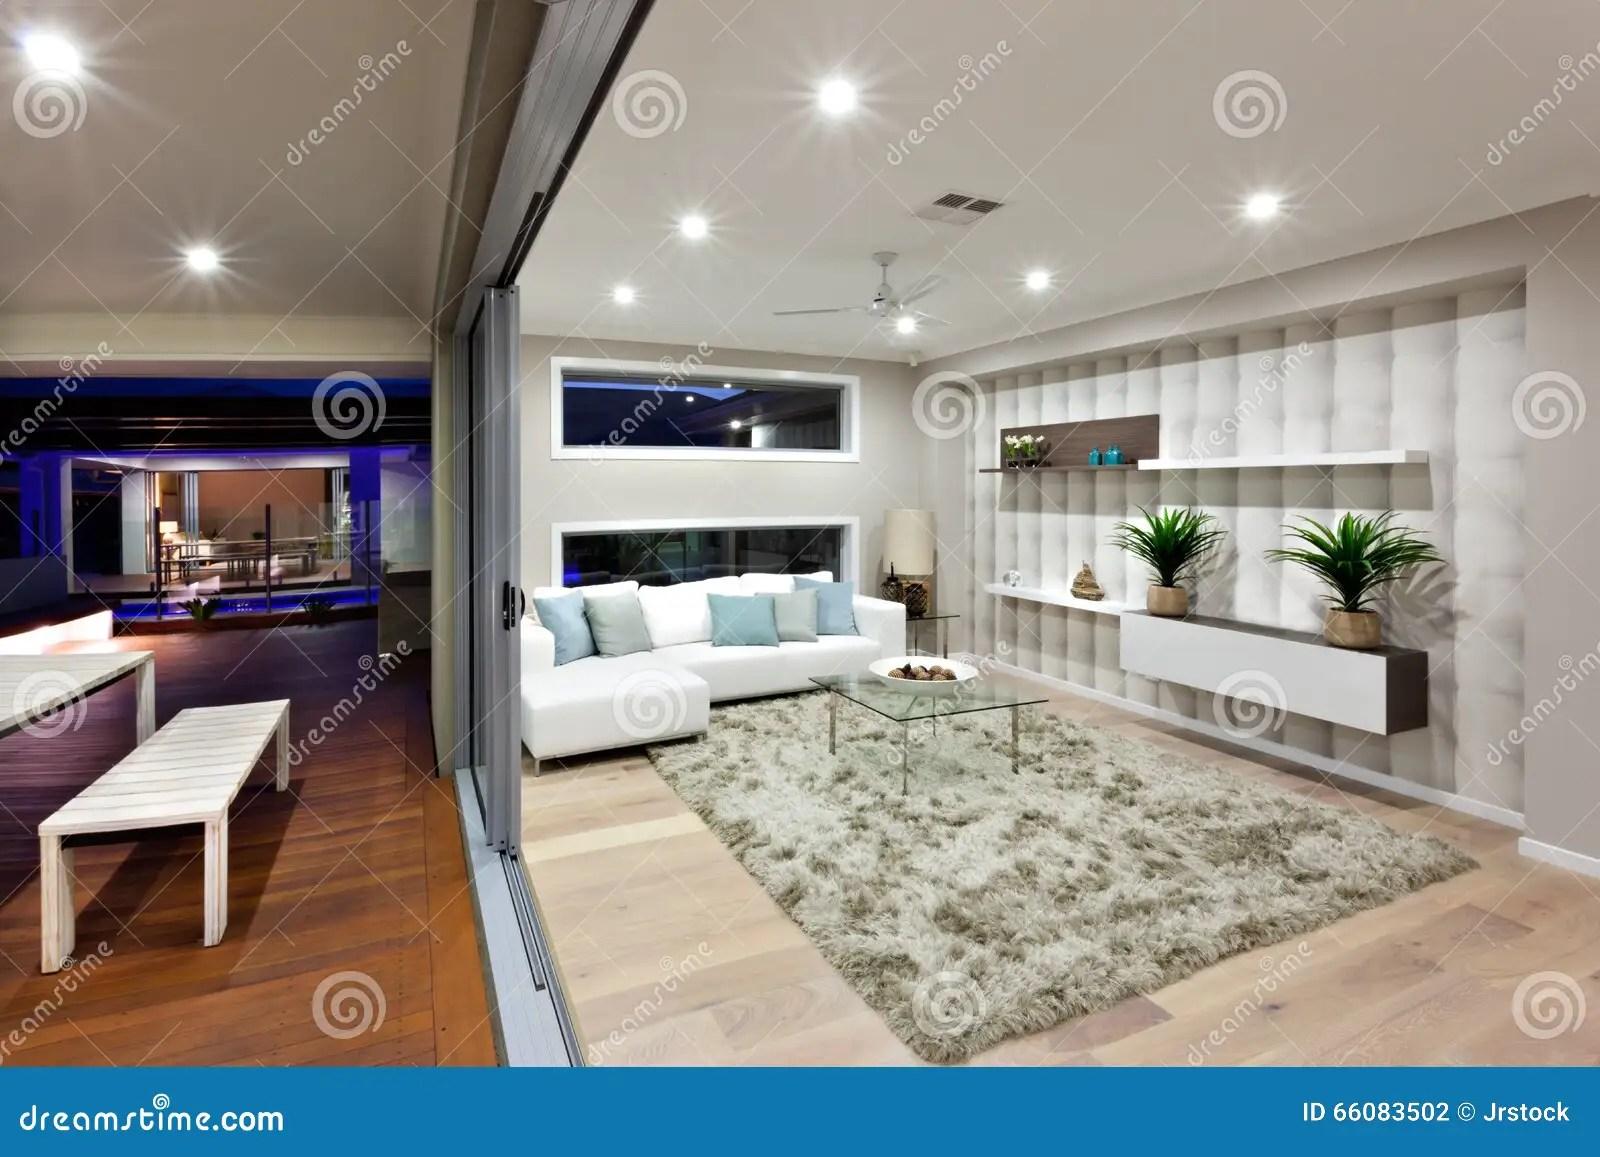 Come illuminare un soggiorno lampadari per soggiorno con angolo